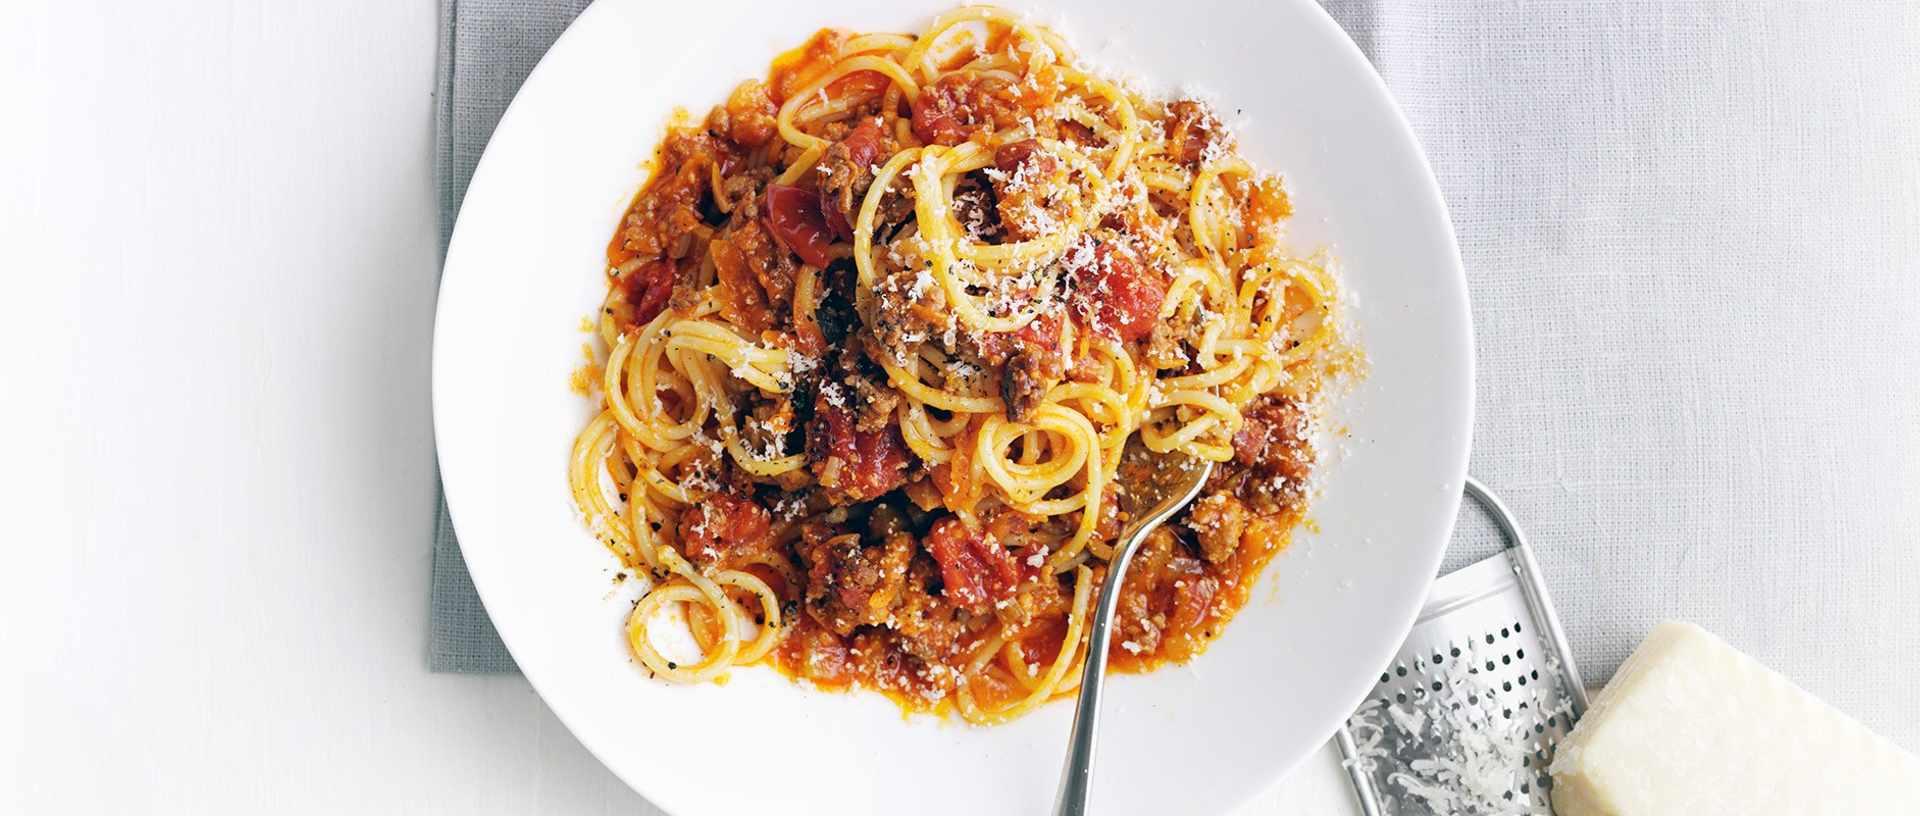 Best-ever spaghetti bolognese